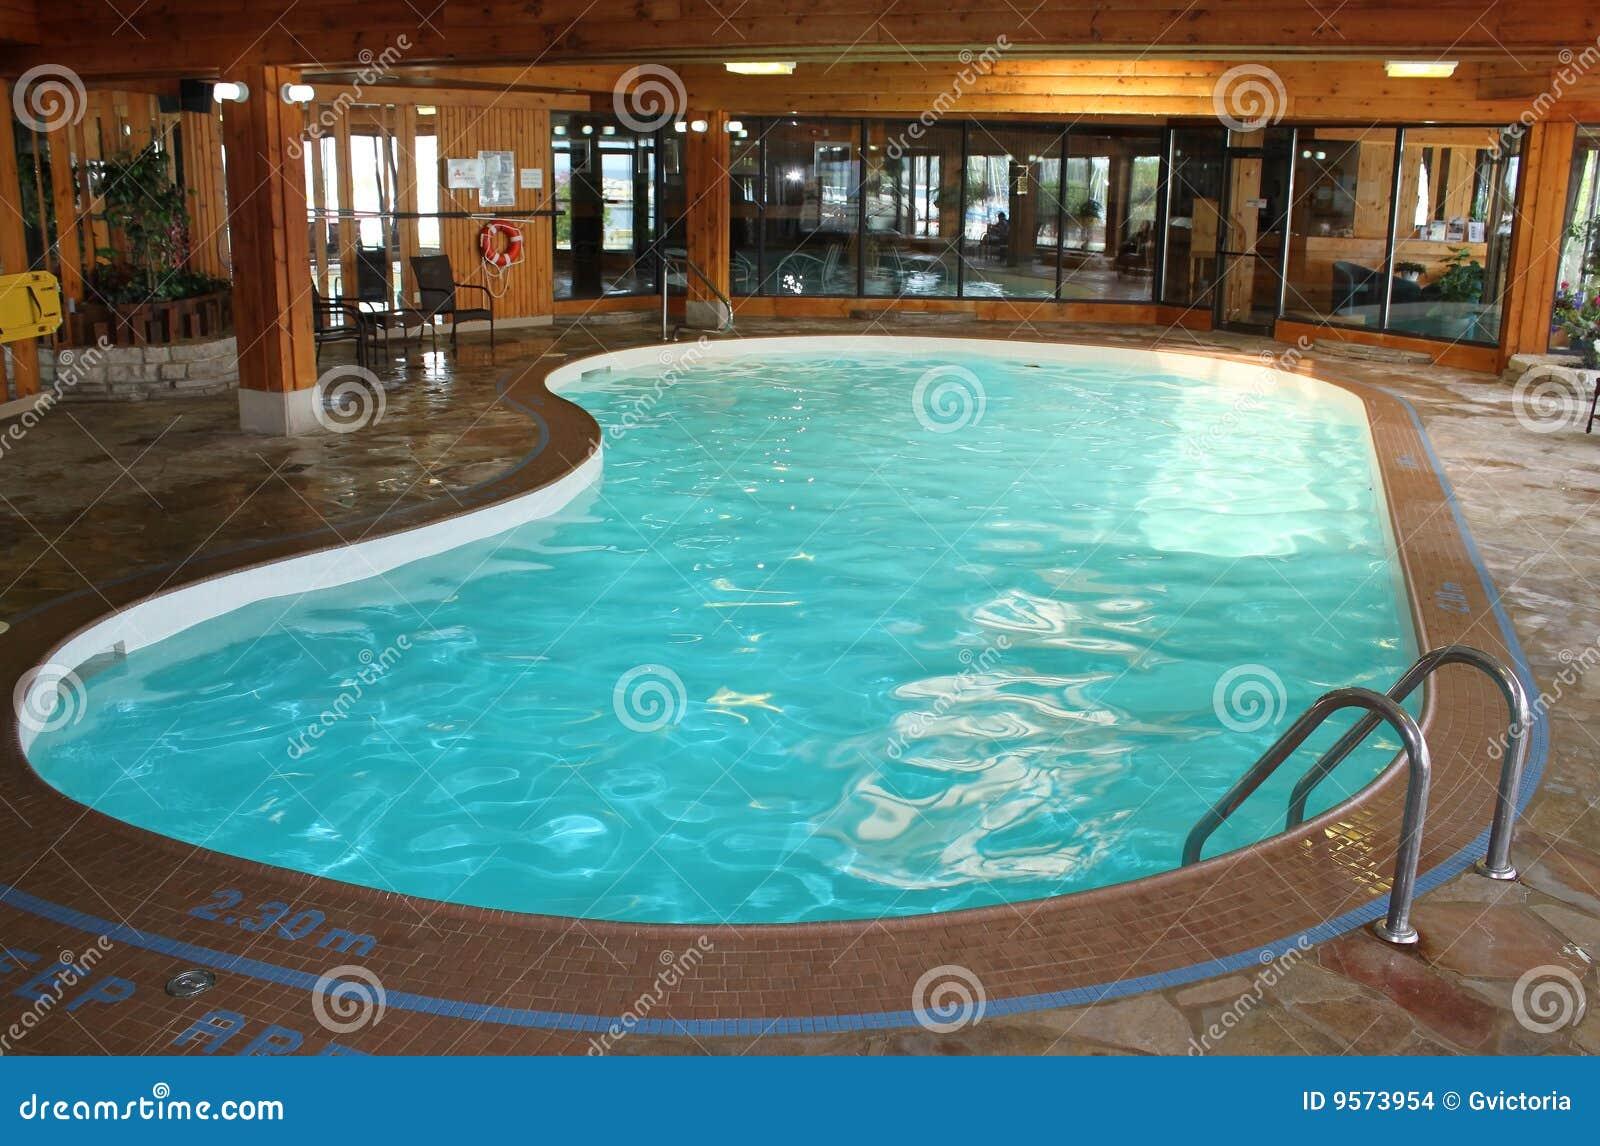 Piscina de interior foto de archivo imagen de piscina - Piscinas de interior ...